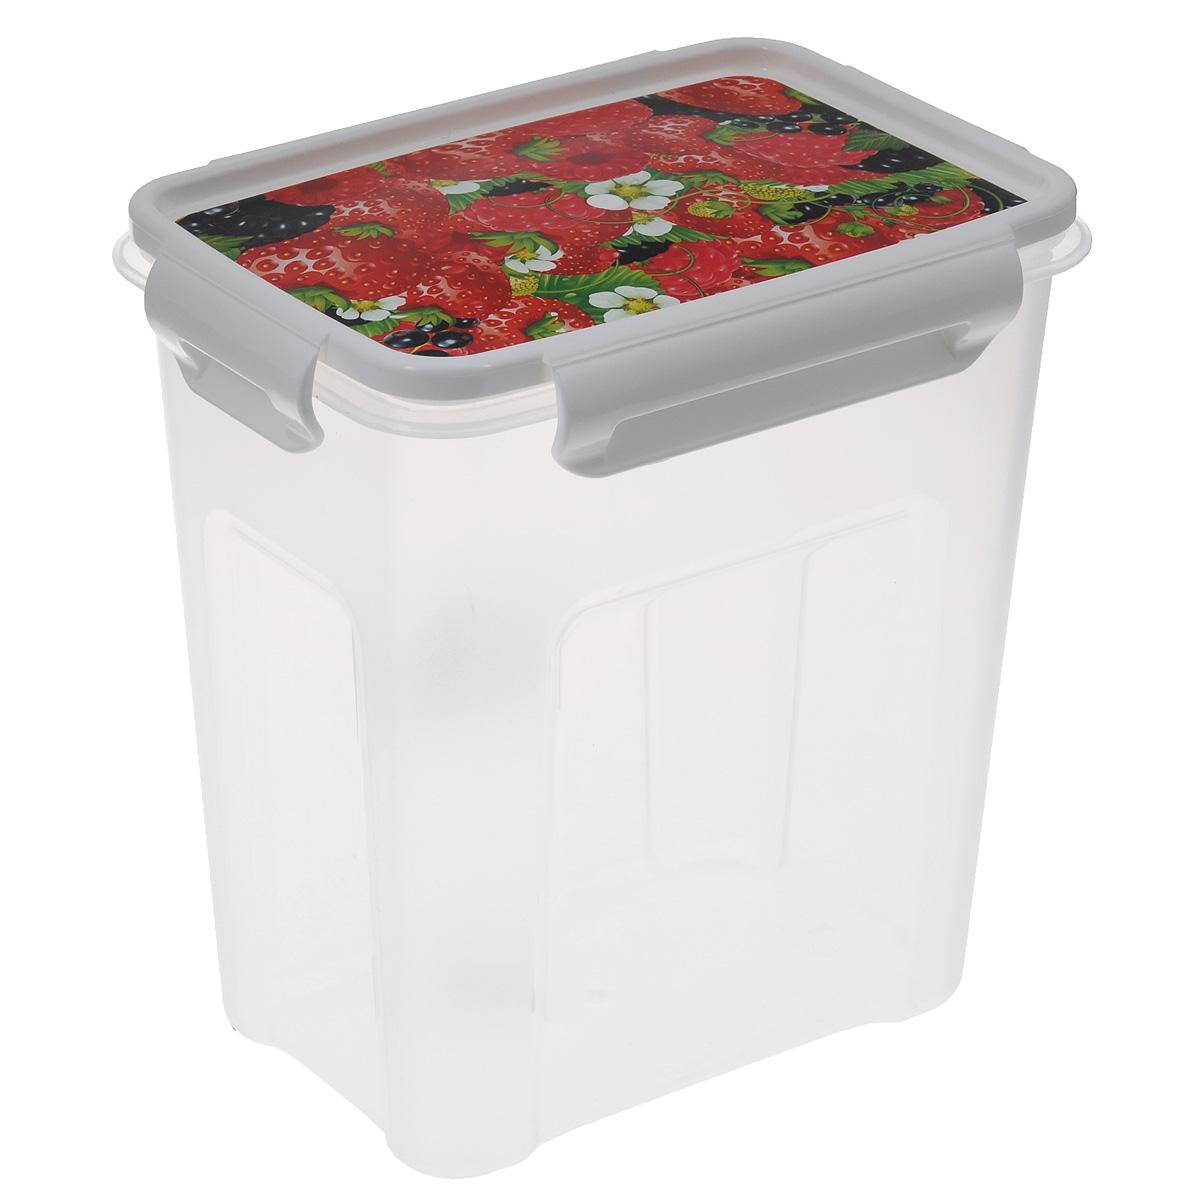 Контейнер Полимербыт Лок декор, 1,8 лС76301Контейнер Полимербыт Лок декор прямоугольной формы, изготовленный из прочного пластика, предназначен специально для хранения пищевых продуктов. Крышка, декорированная изображением ягод, легко открывается и плотно закрывается. Контейнер устойчив к воздействию масел и жиров, легко моется. Прозрачные стенки позволяют видеть содержимое. Контейнер имеет возможность хранения продуктов глубокой заморозки, обладает высокой прочностью. Можно мыть в посудомоечной машине. Подходит для использования в микроволновых печах.